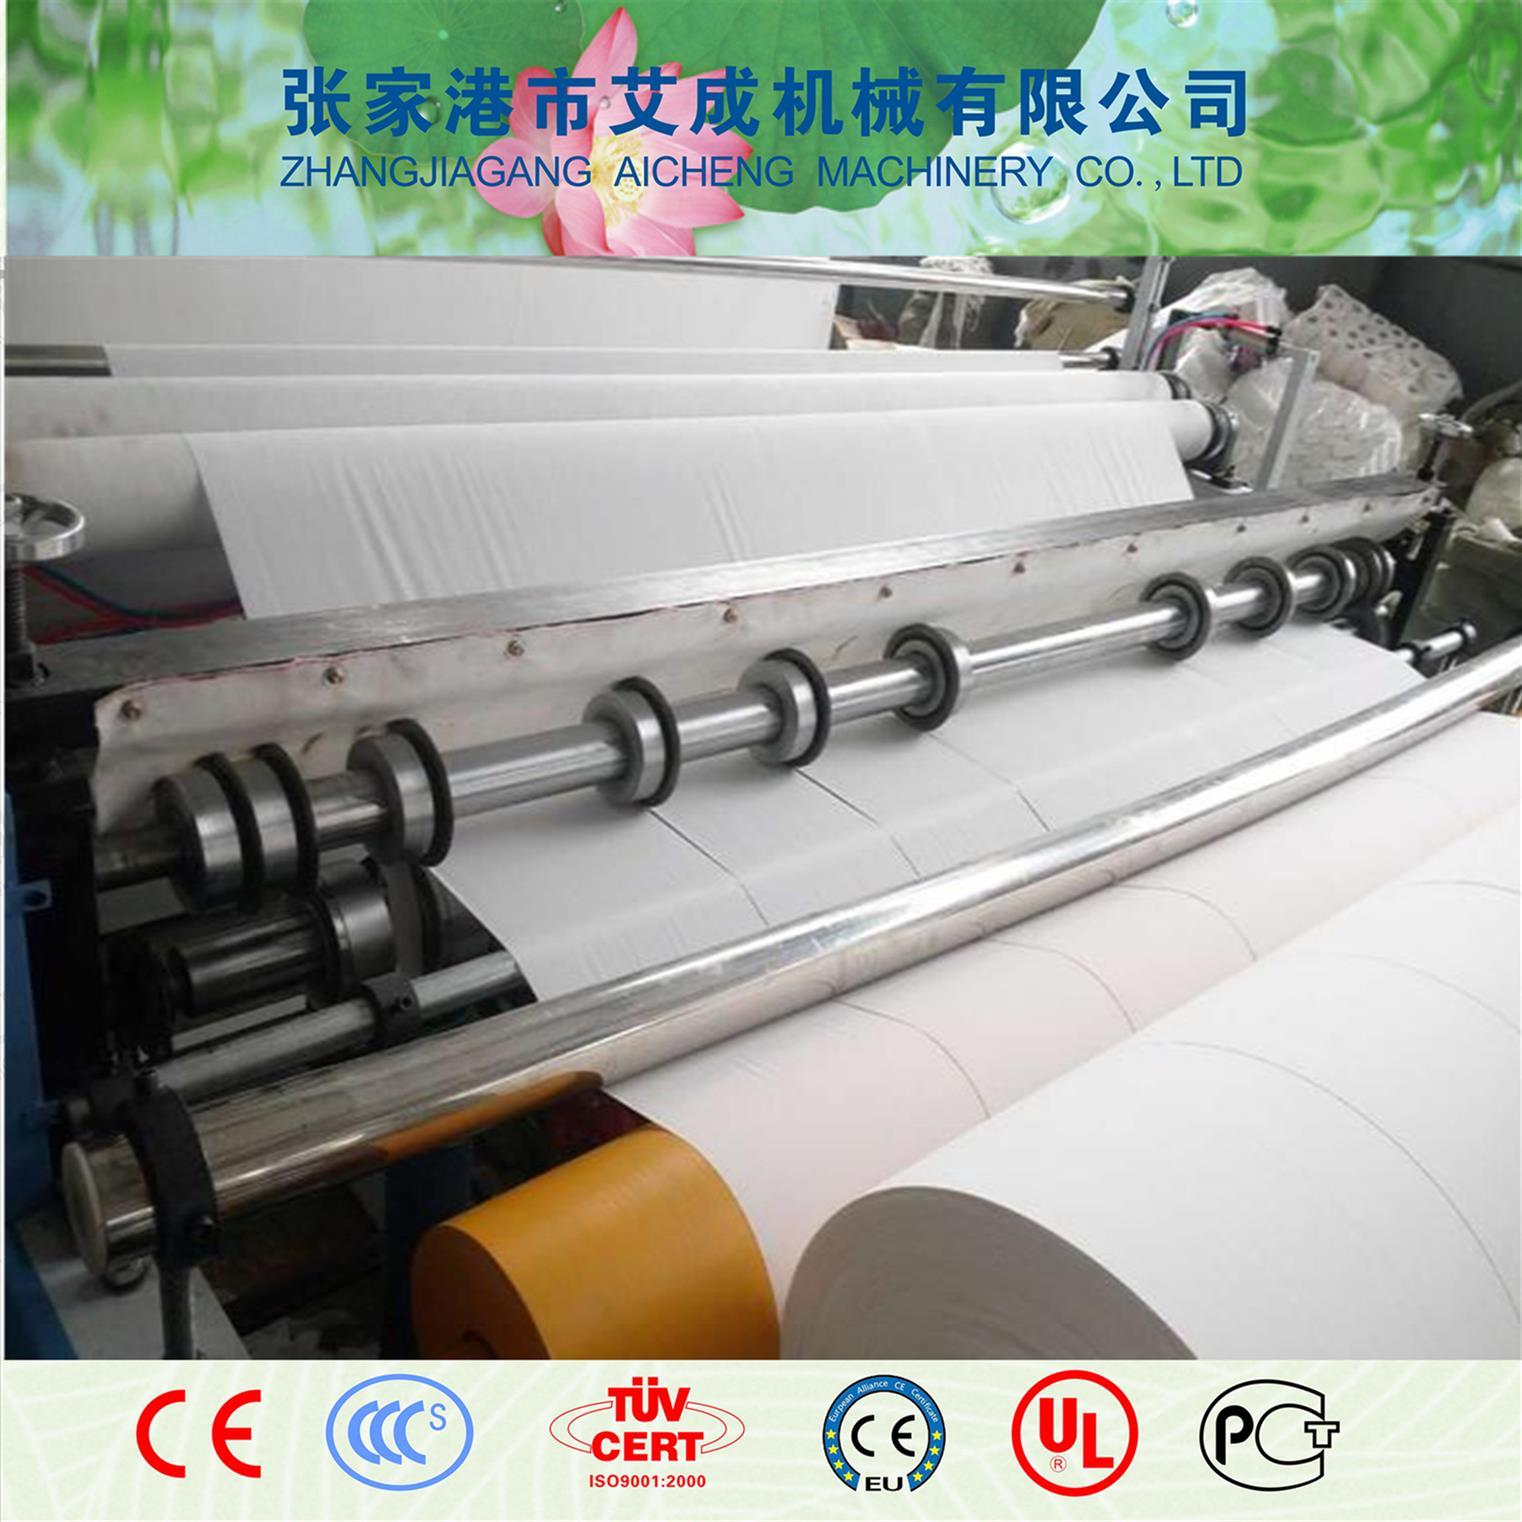 熔喷布机械设备厂家 熔喷布生产设备